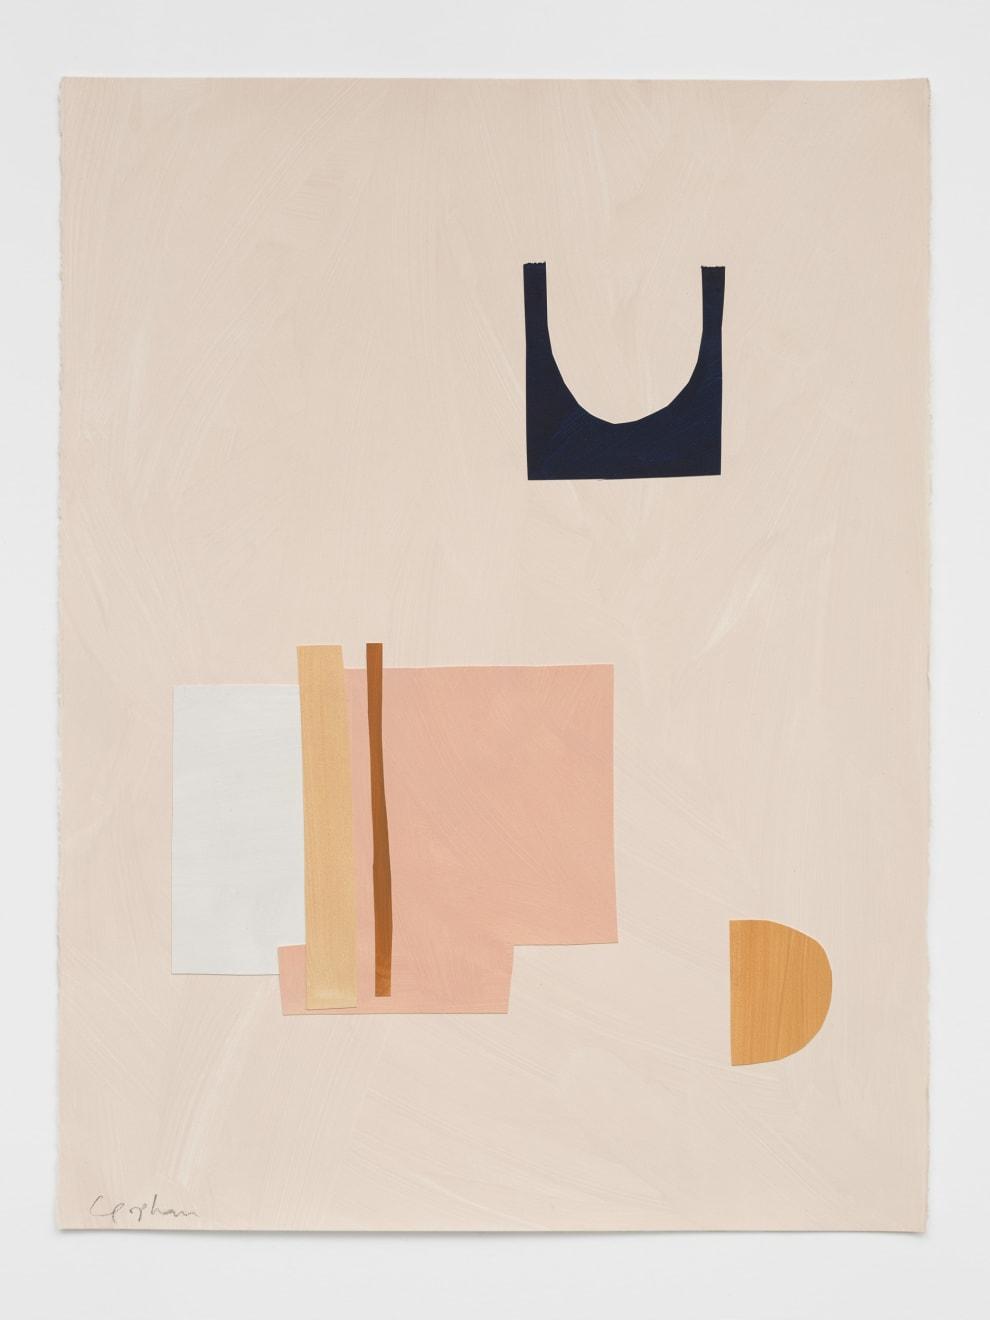 Caroline Popham, Untitled 19-69, 2019